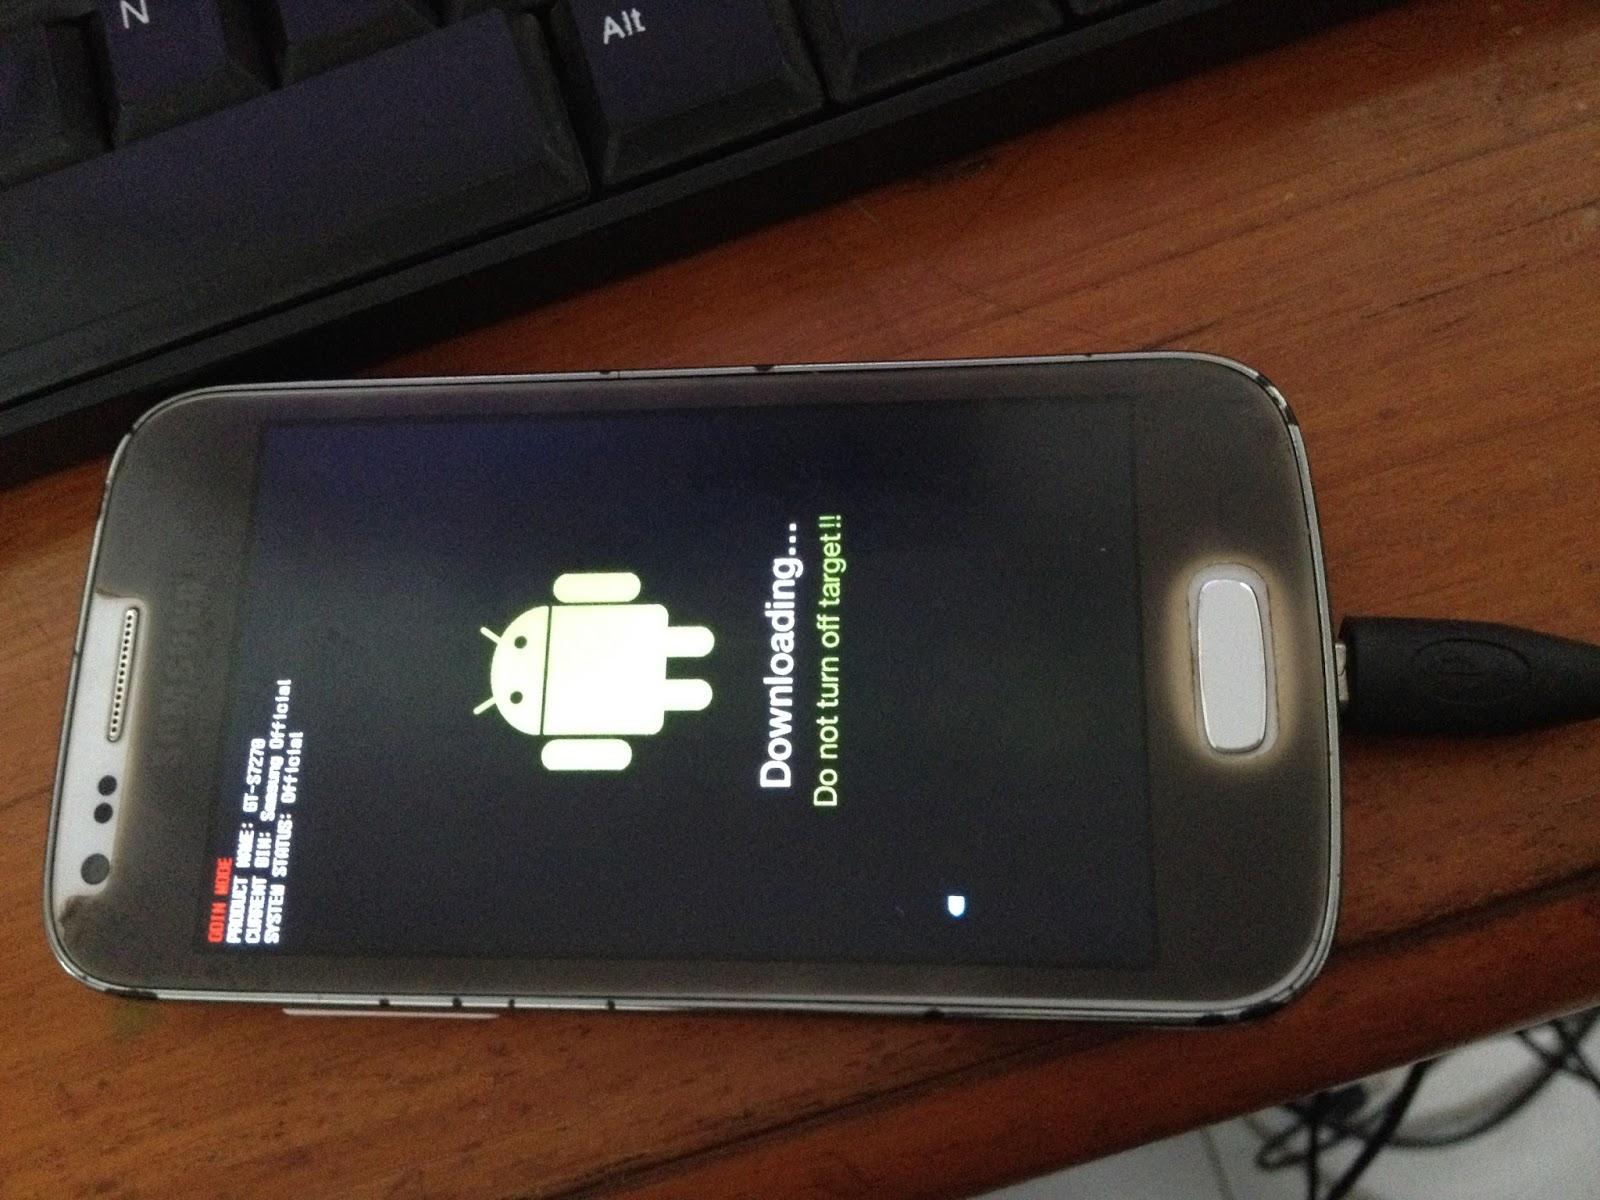 Hubungkan smartphone dengan puter lewat kabel data Jika puter mendeteksi perangkat samrtphone brosis maka akan muncul 0 [ ]